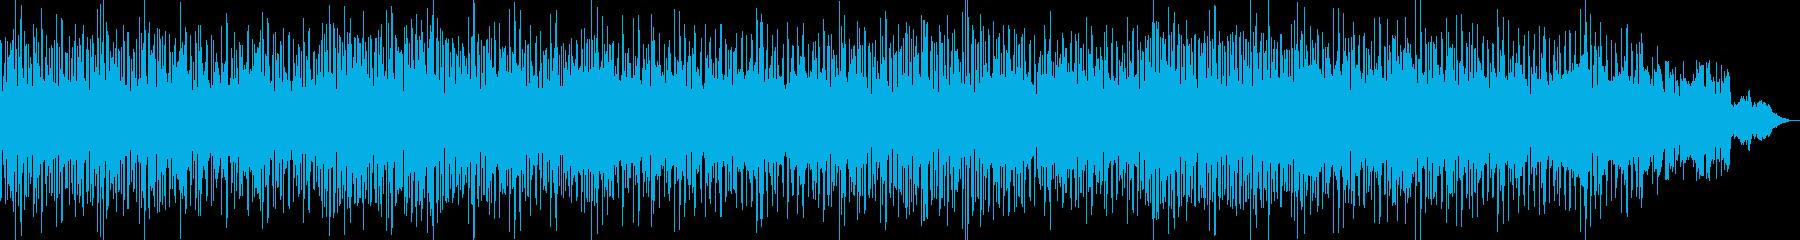 未来的で幻想的なテクノポップBGMの再生済みの波形